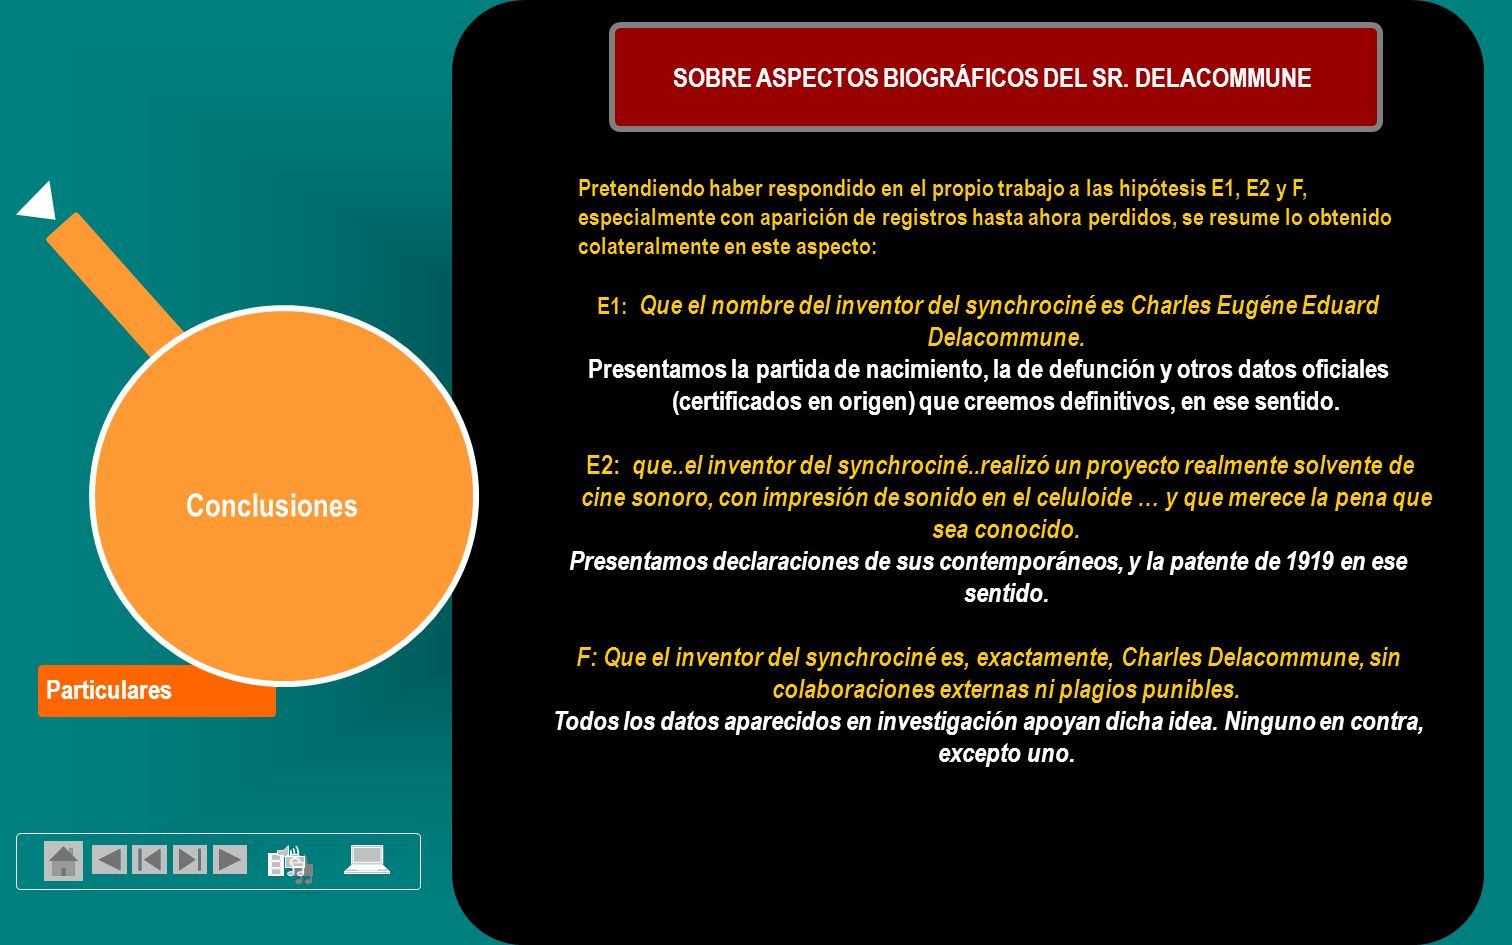 SOBRE ASPECTOS BIOGRÁFICOS DEL SR. DELACOMMUNE